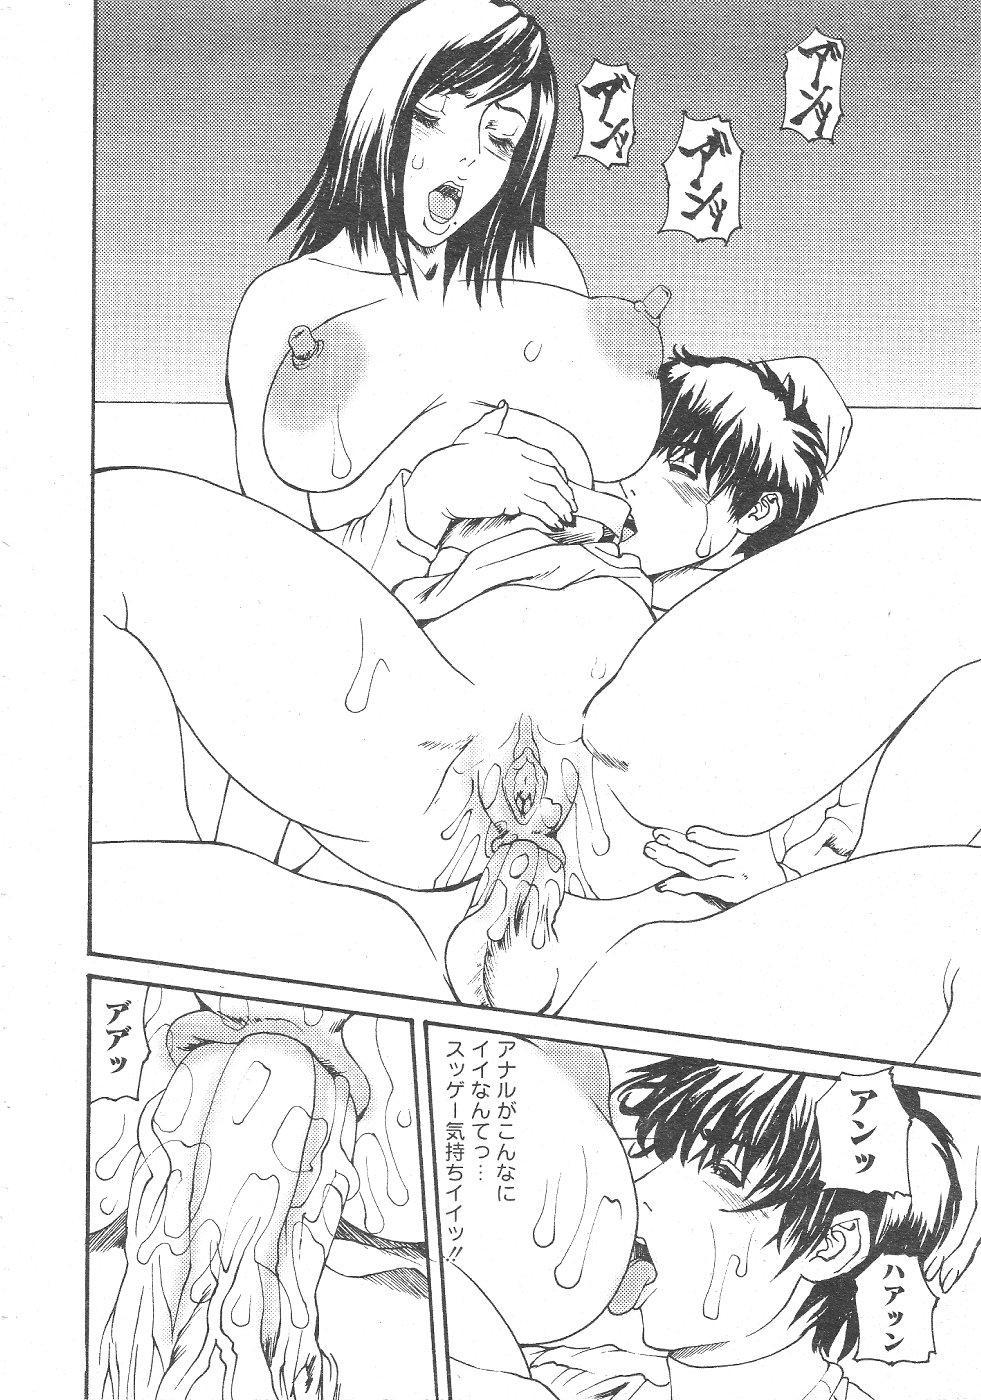 Gekkan Comic Muga 2004-06 Vol.10 353